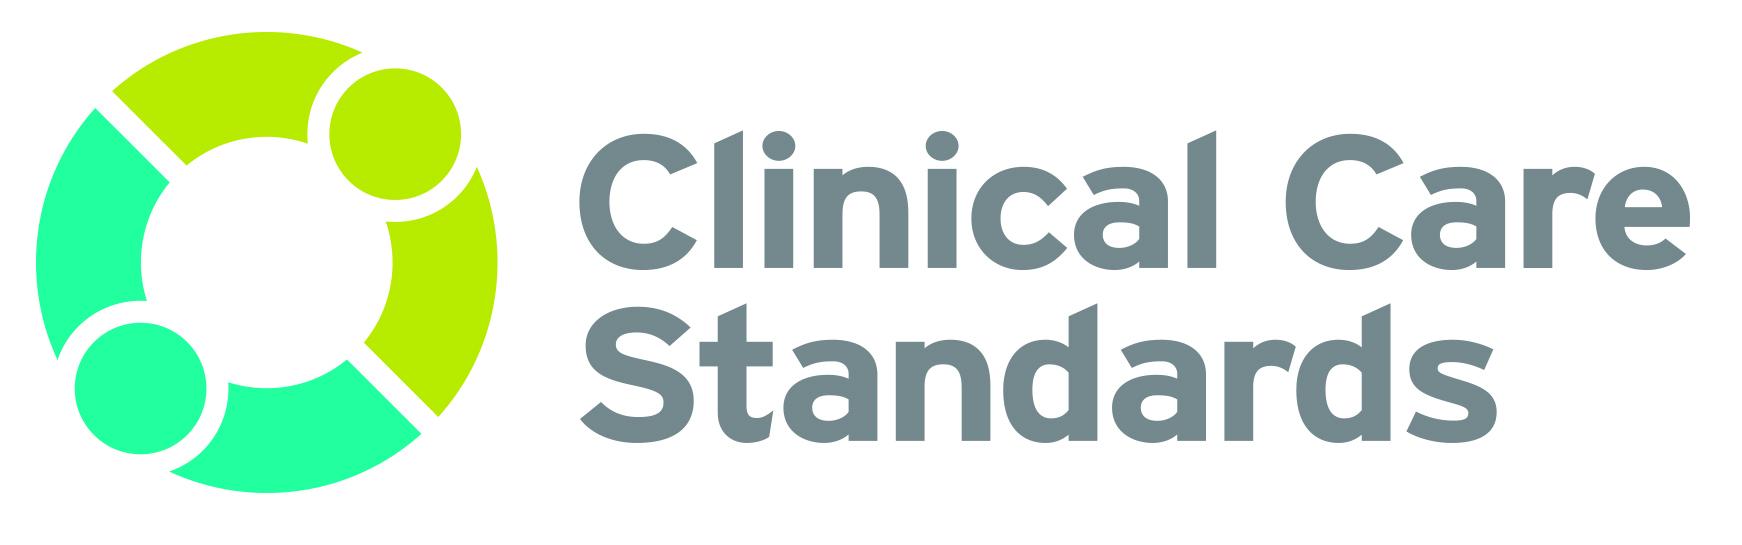 Clinical care CMYK